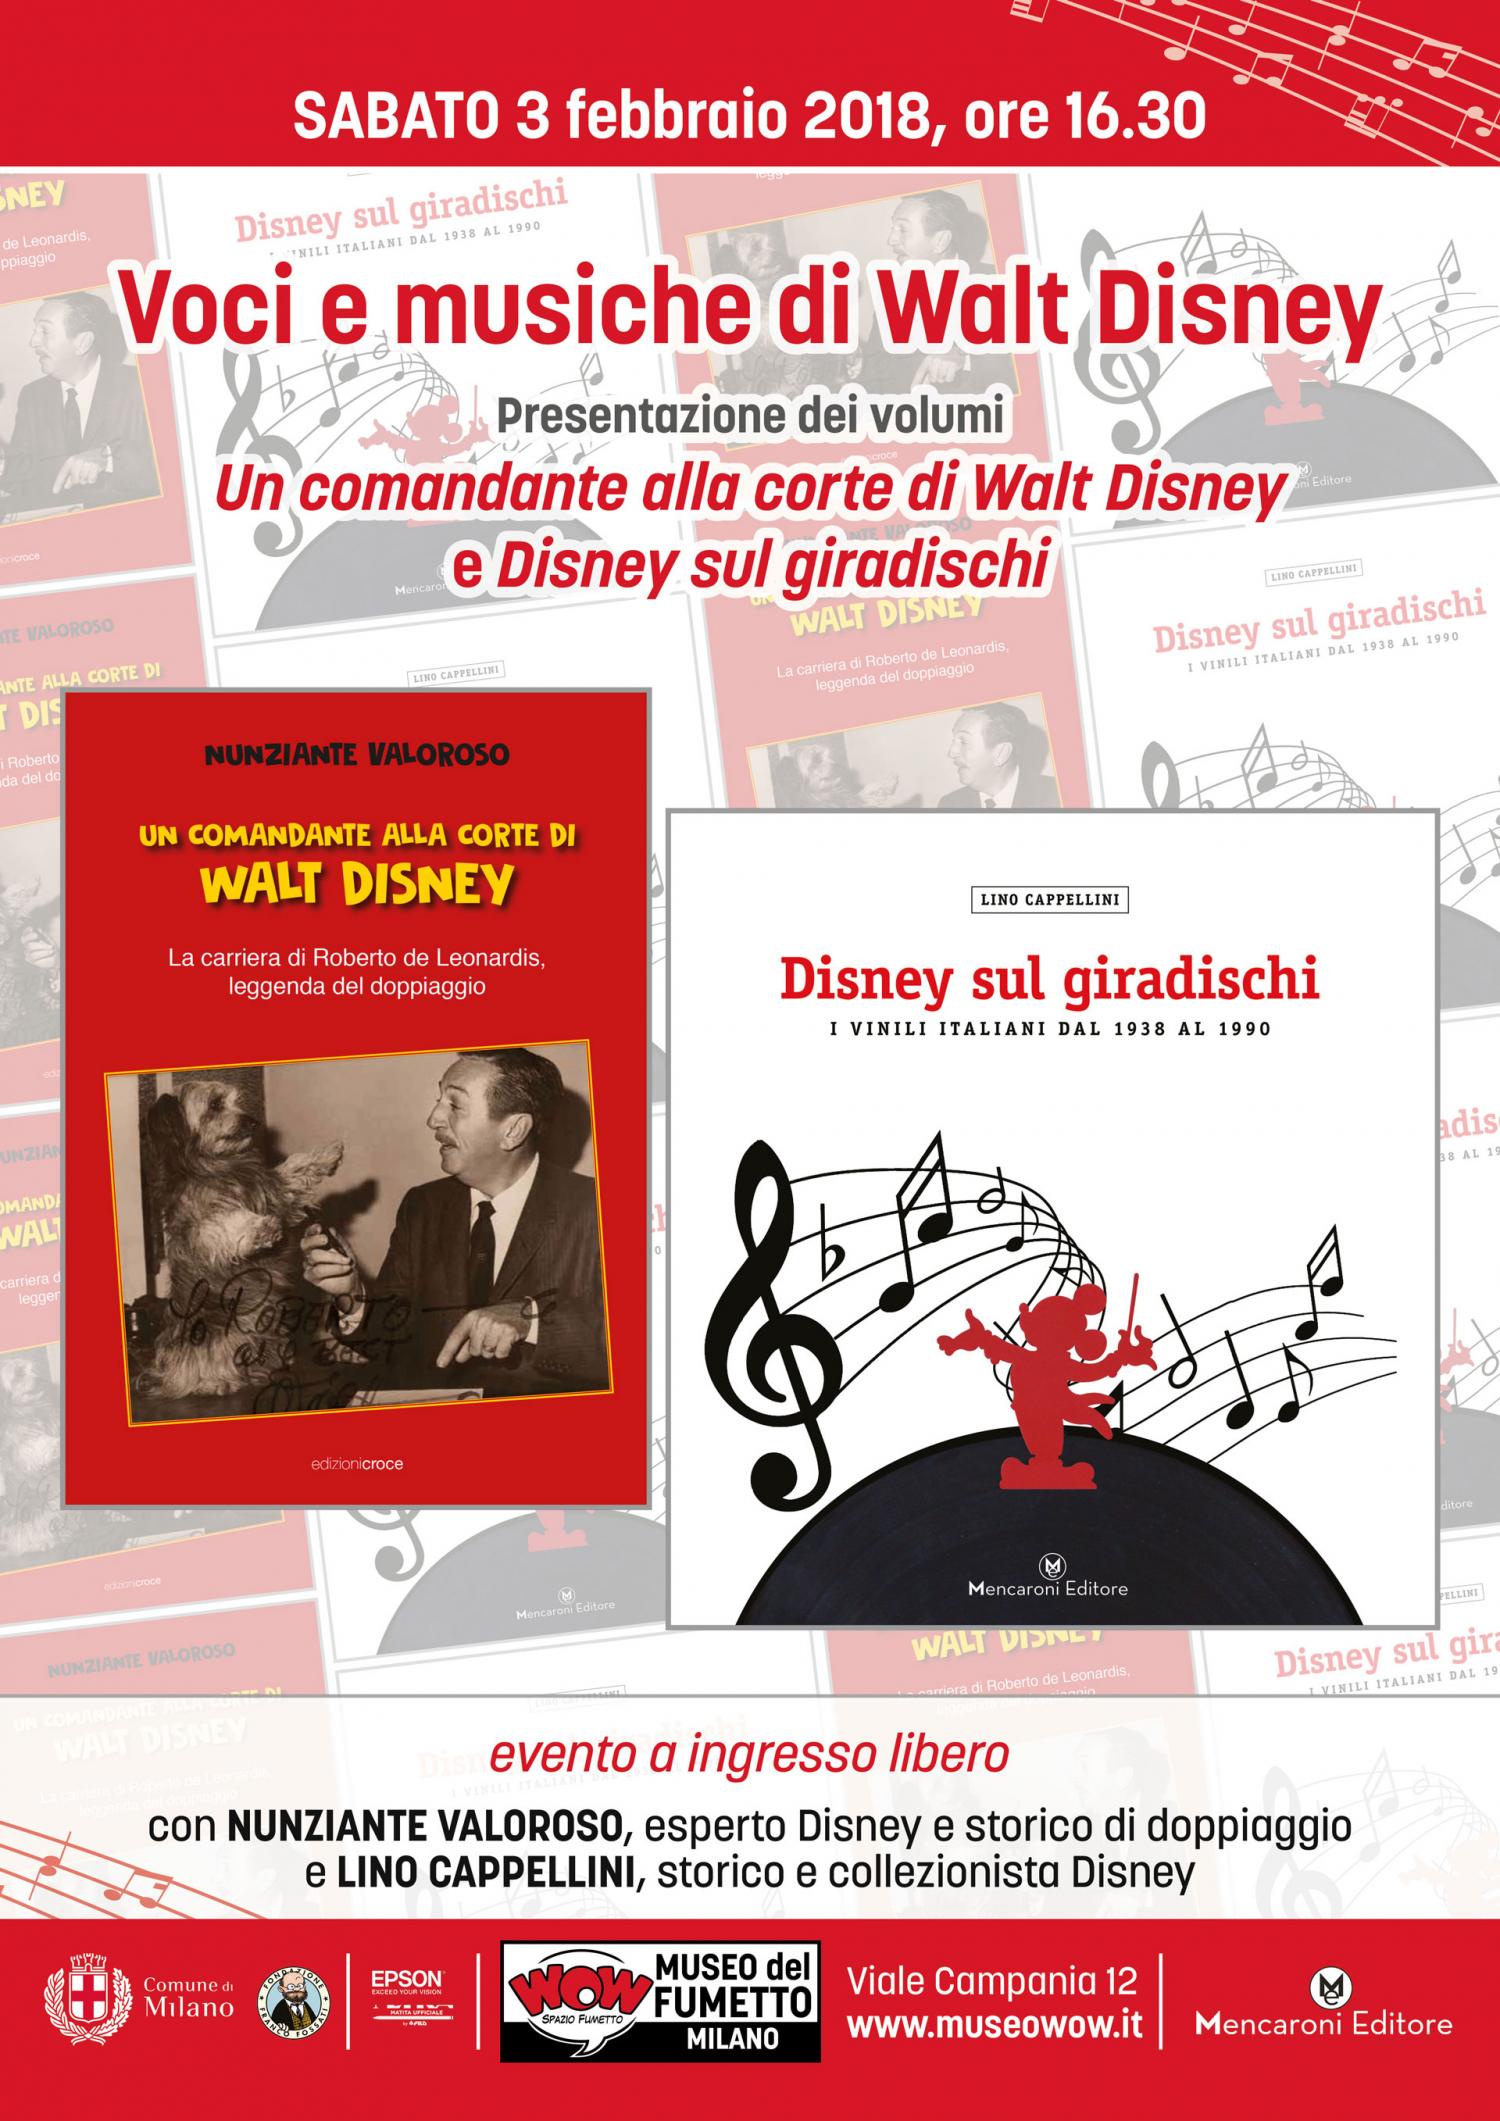 """<p>In occasione della mostra <a href=""""http://www.museowow.it/wow/it/sogno-e-avventura/"""">&ldquo;Sogno e Avventura: 80 anni di principesse nell&rsquo;animazione Disney da Biancaneve e i Sette Nani a Disney Frozen&rdquo;</a>, allestita fino al 25 febbraio 2018,&nbsp;dedichiamo un pomeriggio a un aspetto che da sempre ha saputo affascinare il pubblico, rendendo leggendario il cinema di Walt Disney: le musiche e le voci dei suoi indimenticabili film. <strong>Sabato 3 febbraio, dalle ore 16,30</strong>, <strong>Nunziante Valoroso</strong> e <strong>Lino Cappellini</strong>, esperti Disney, racconteranno in una conferenza a ingresso libero la storia del <strong>doppiaggio dei film Disney</strong> in Italia e la <strong>pubblicazione delle musiche Disney in Italia</strong>, argomenti al centro dei volumi <em>Un comandante alla corte di Walt Disney</em>&nbsp;(Edizioni Croce) e <em>Disney sul giradischi</em> (Mencaroni Editore). Fin dall&#39;inizio, la produzione di Walt Disney si &egrave; sempre distinta per la grande attenzione riservata alla musica e alle voci. Non &egrave; un caso che il primo disegno animato sonoro della storia sia anche il primo con protagonista Topolino, cos&igrave; come non sorprende che il primo a dare la voce a Topolino fu lo stesso Walt Disney. In Italia questo fondamentale aspetto della produzione Disney ha avuto la fortuna di essere affidato, per molti anni, alla cura di <strong>Roberto de Leonardis</strong>, straordinario adattatore dei film dello studio, dai classici animati ai film &ldquo;dal vero&rdquo;, oltre che di tanti altri classici del cinema, come i primi film di 007, <em>Il Padrino</em> e <em>Guerre Stellari</em>, con l&rsquo;aiuto dei pi&ugrave; validi doppiatori italiani, che si divertivano a caratterizzare protagonisti e comprimari dei classici animati Disney. Per molti anni, compito di de Leonardis &egrave; stato anche quello di adattare in italiano i testi delle splendide <strong>canzoni dei film Disney</strong>, affidandole ad a"""